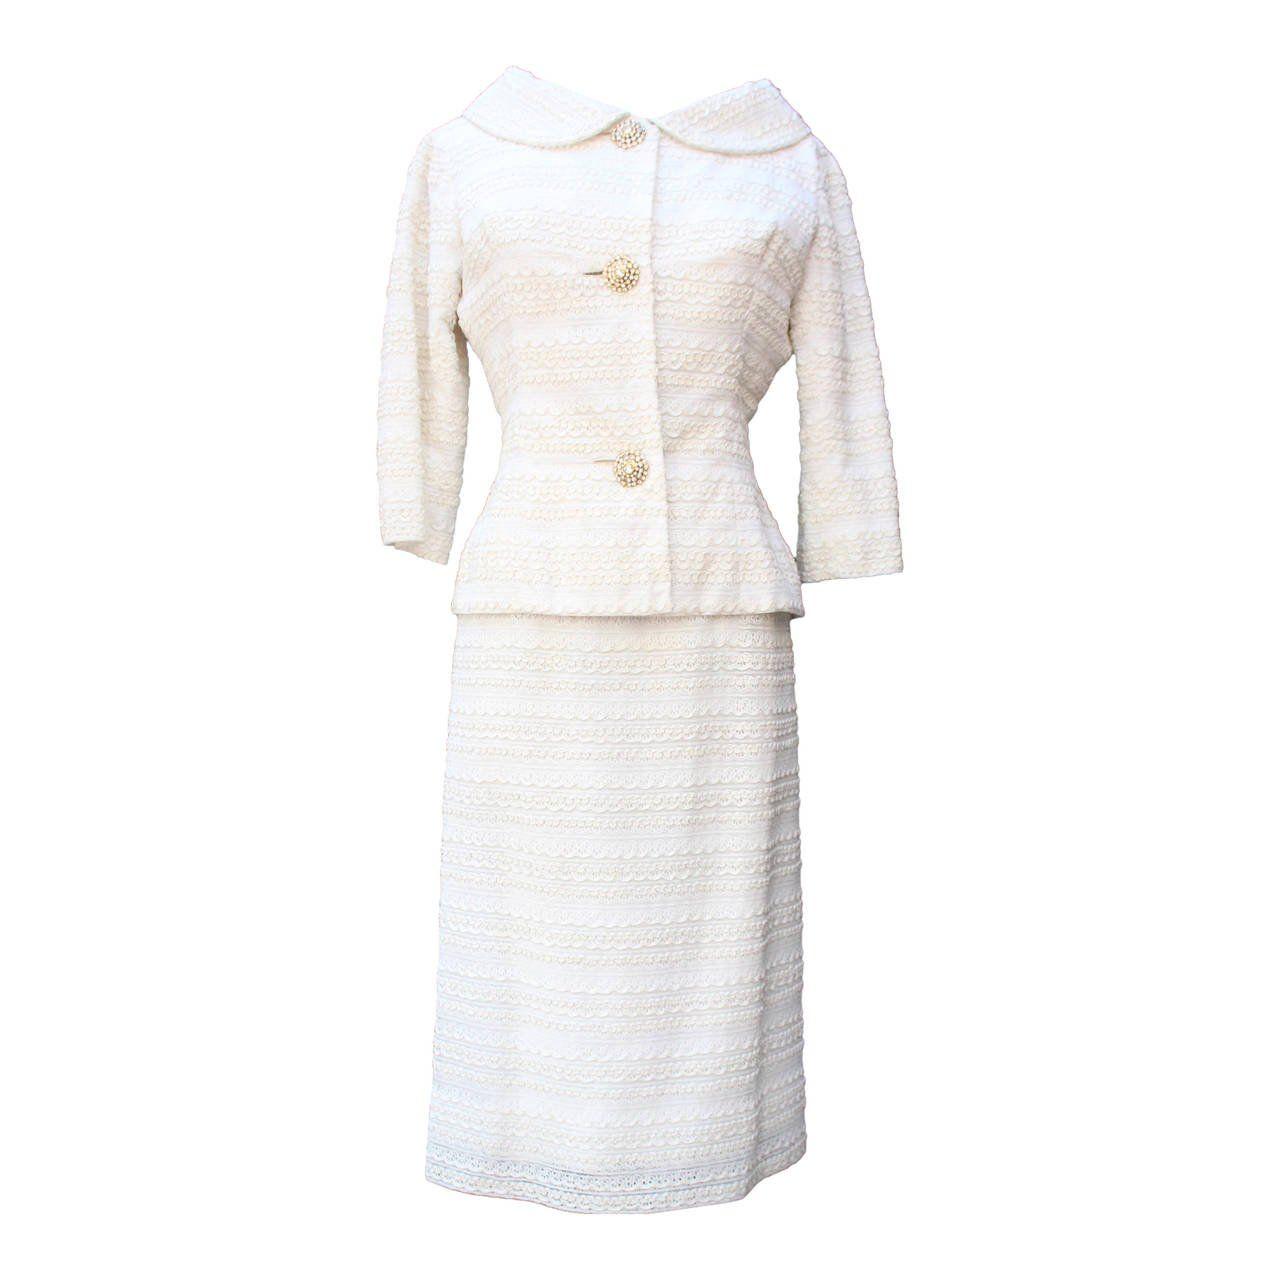 Lace dress jacket   Carven Haute Couture White Lace Dress and Jacket Ensemble